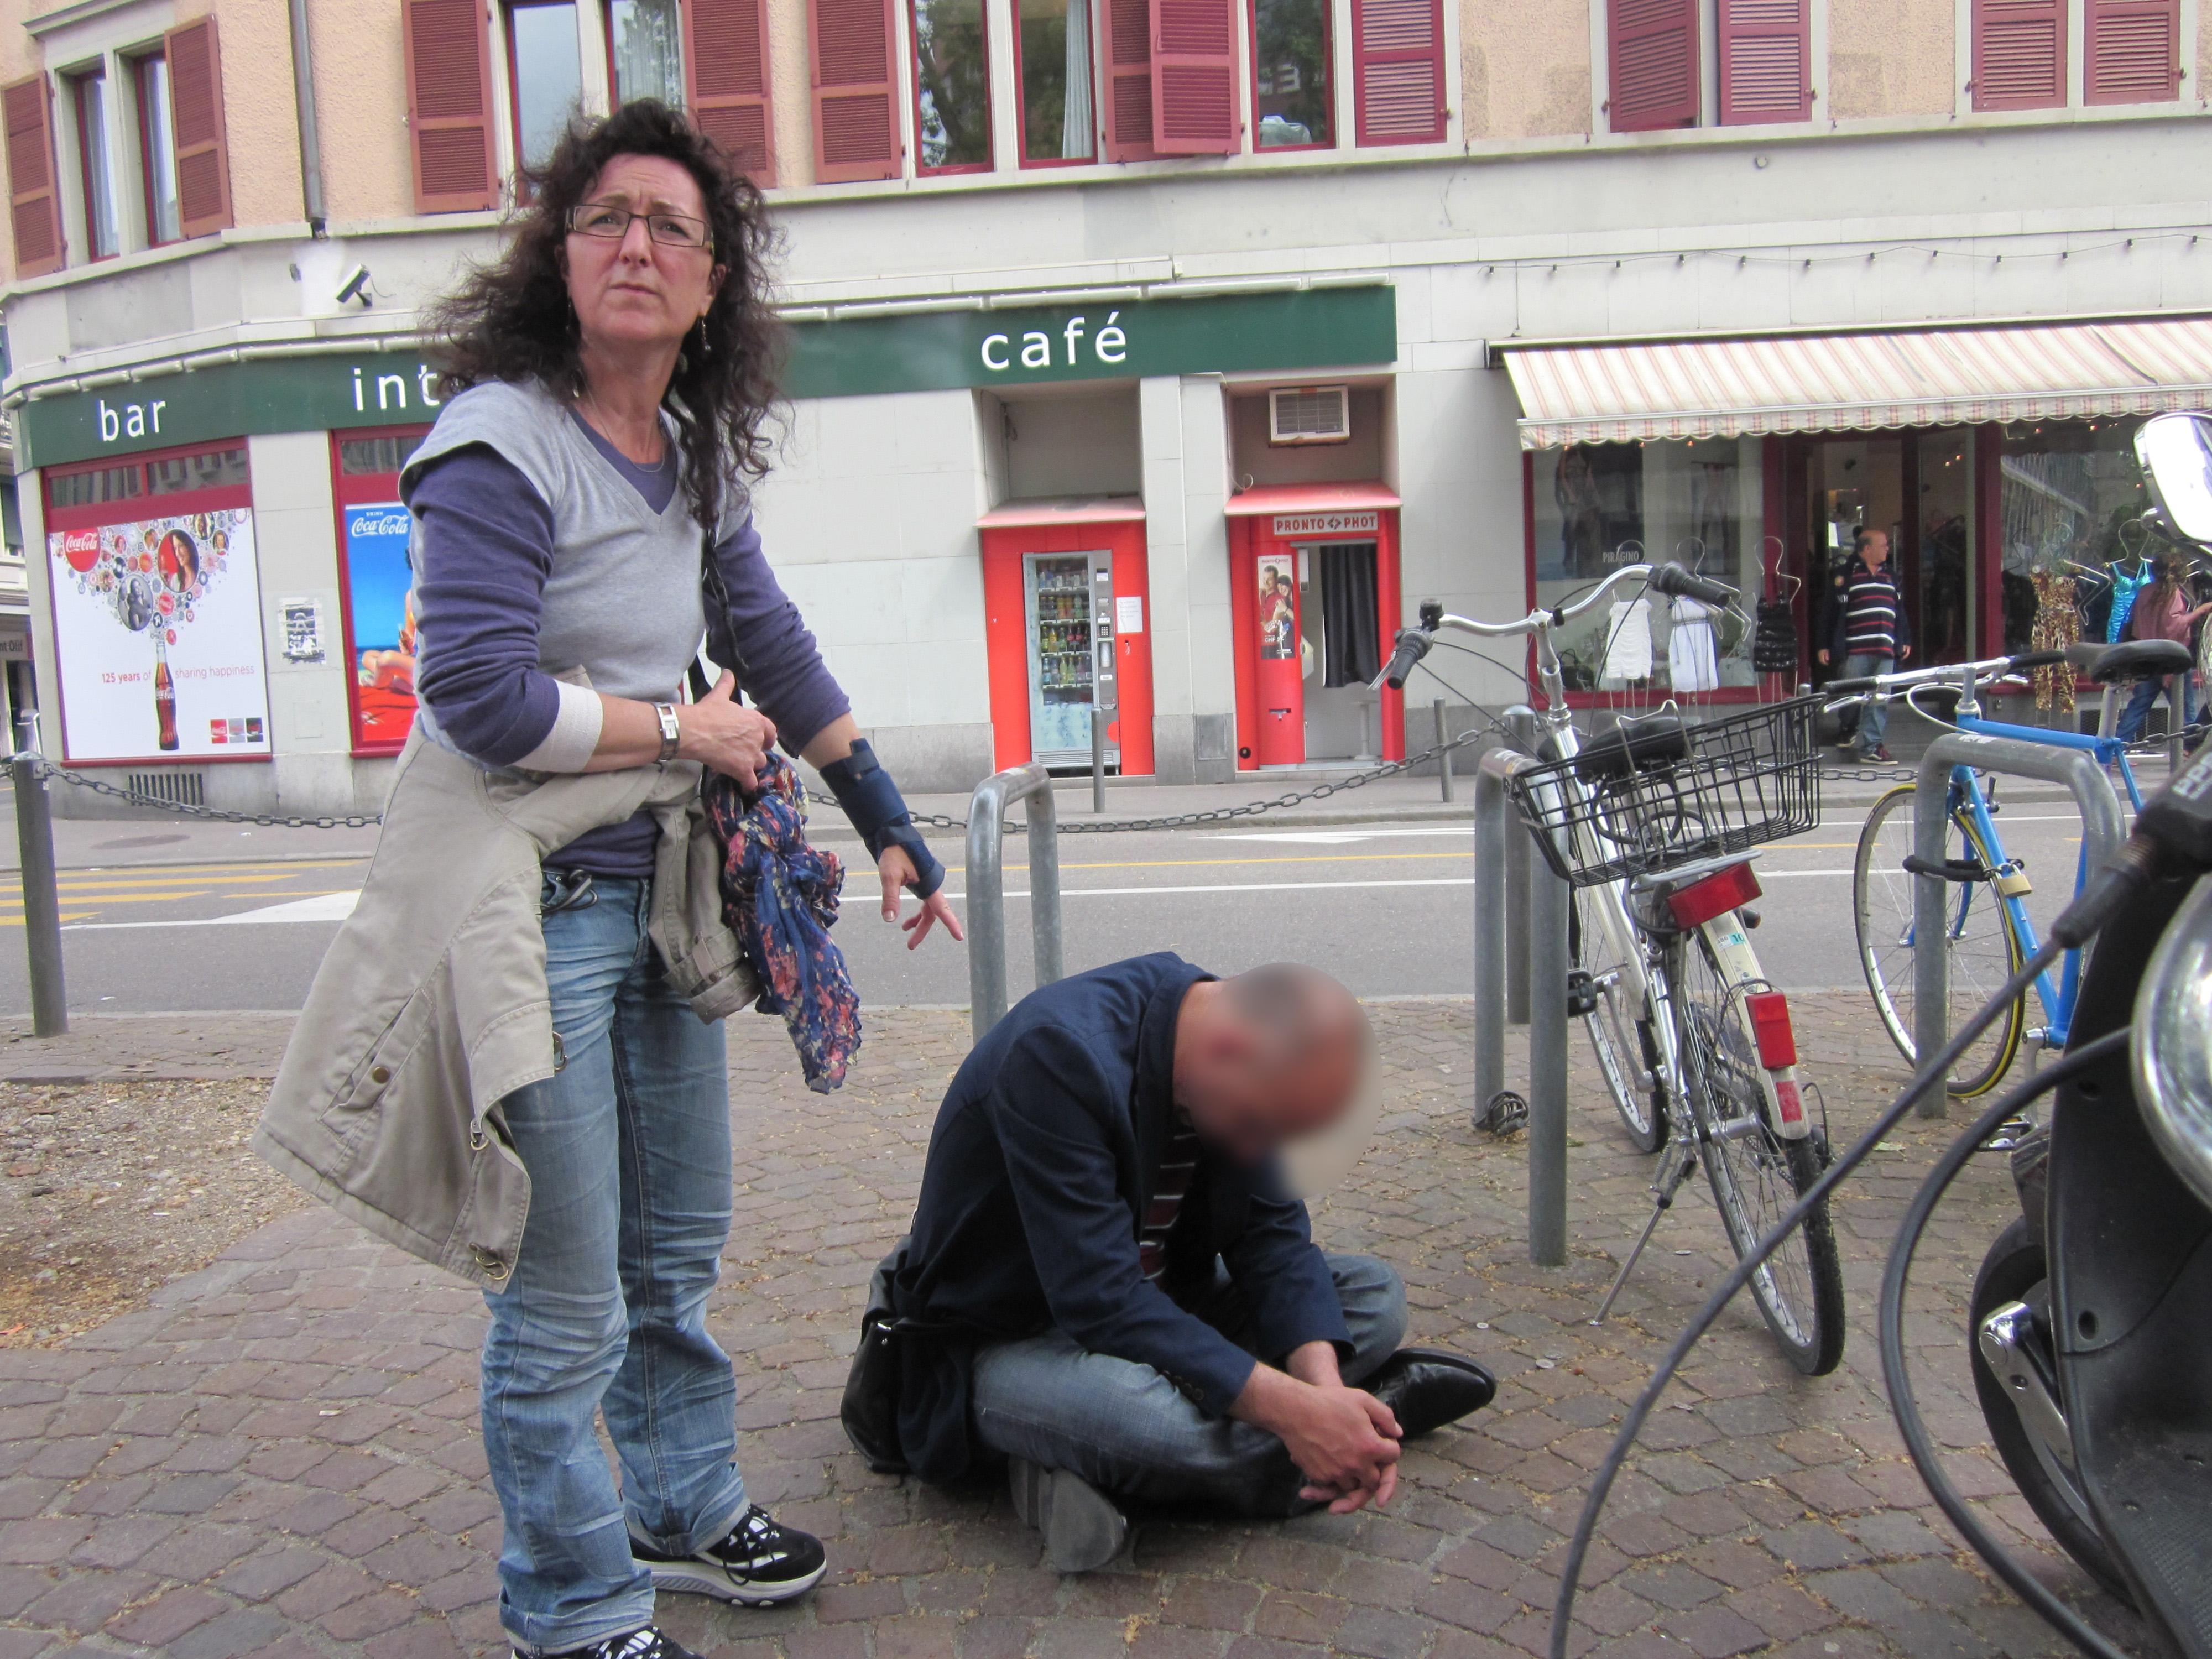 Angela und jemand auf Boden Kopie.jpg